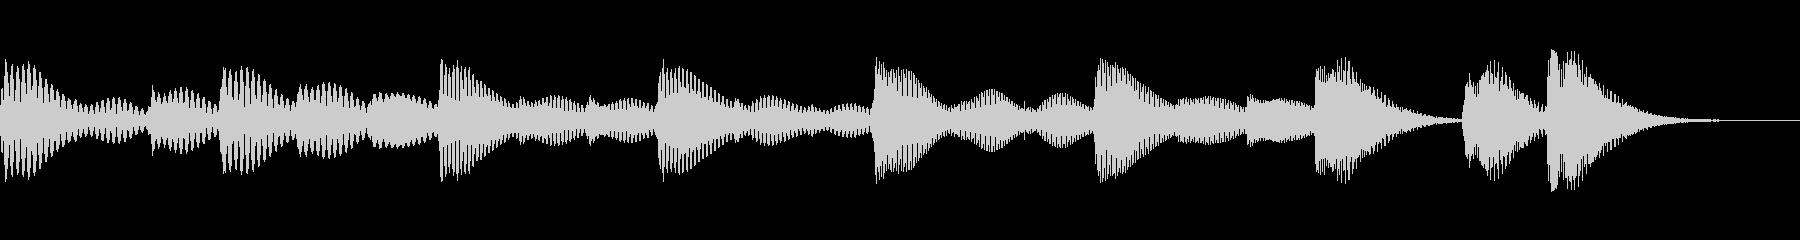 木琴で可愛らしく短いジングル。の未再生の波形